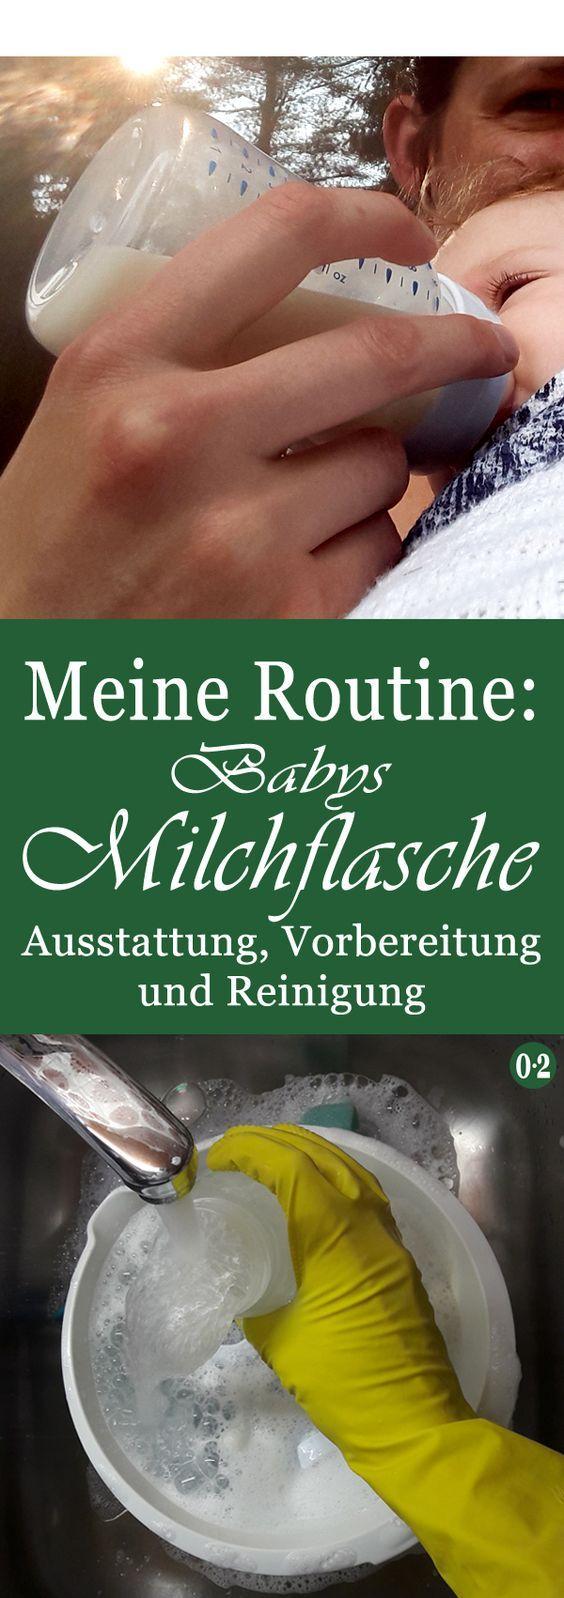 Wer seinem Baby die Flasche gibt, hat ein bisschen mehr Aufwand als stillende Mütter. Meine Routinen sparen Zeit im aufregenden Alltag mit Baby!